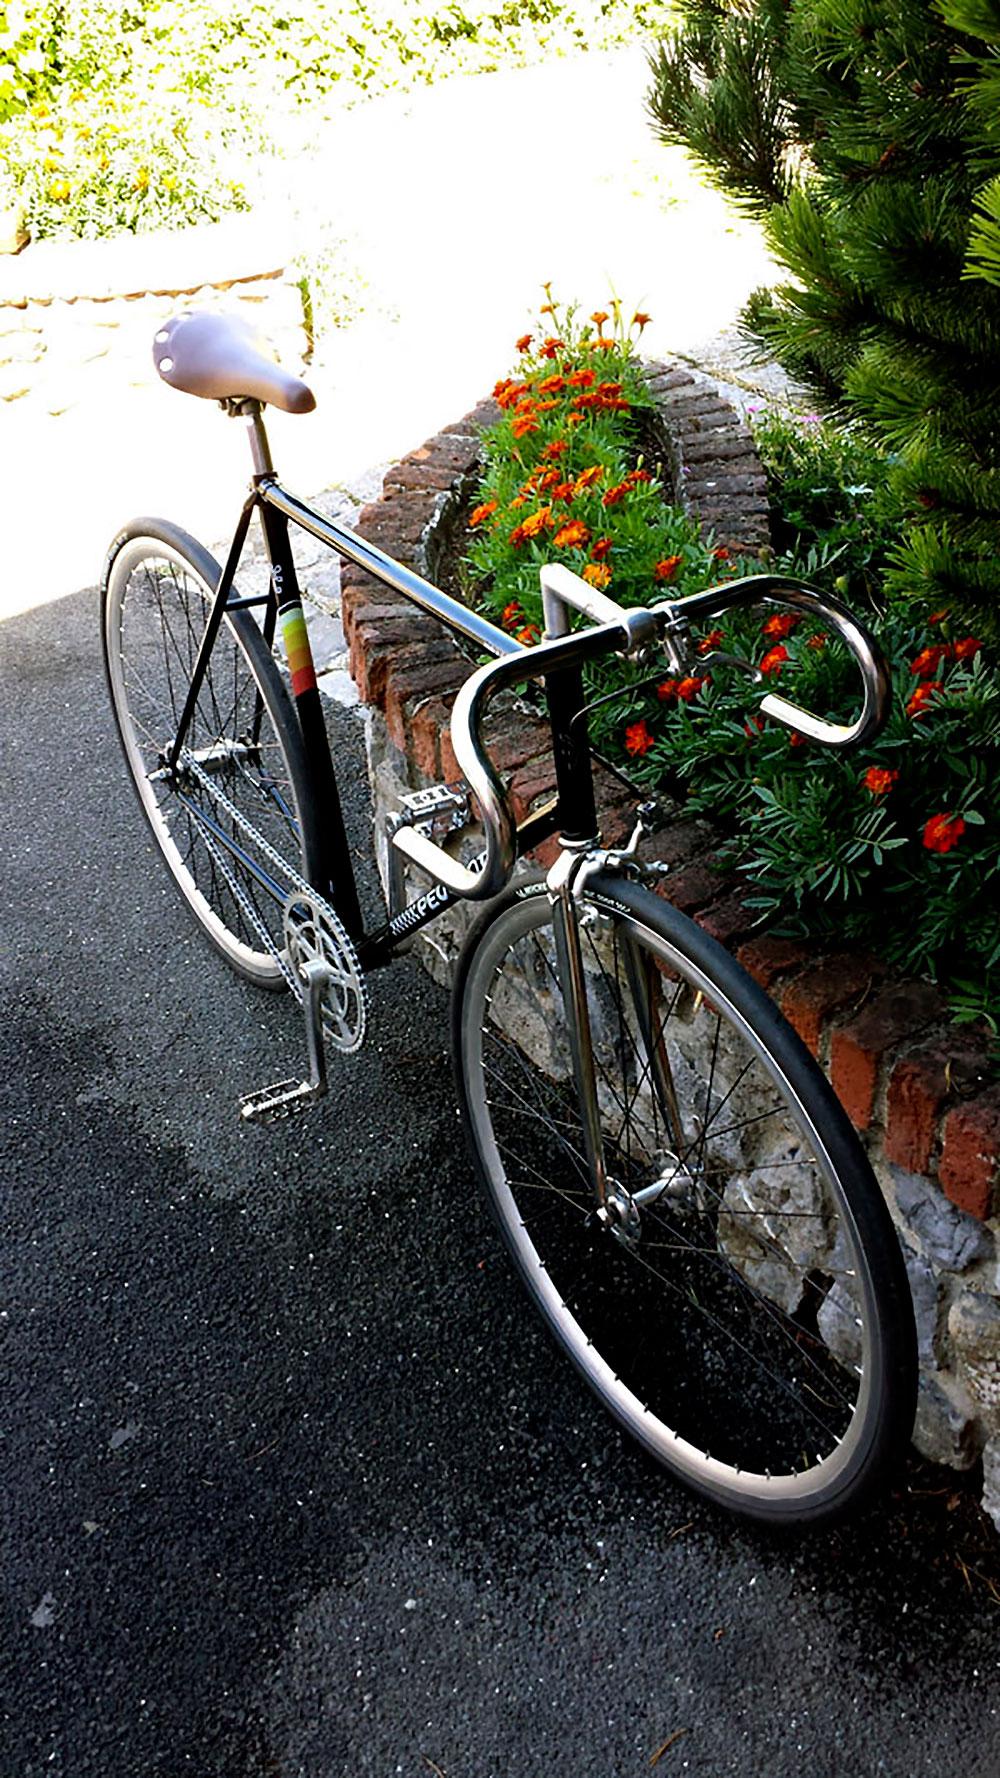 Vélo urbain Peugeot singlespeed à rétropédalage !